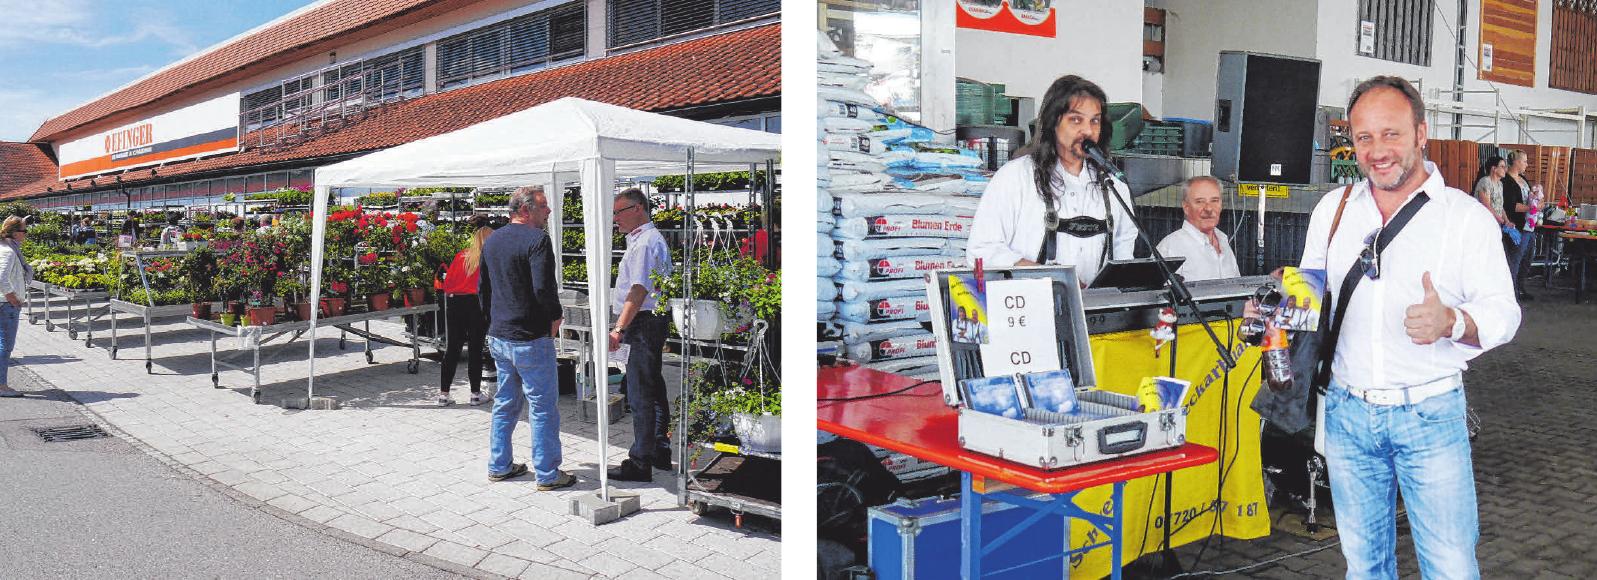 Im Frühsommer steht der Pflanzenmarkt im Schwabenpark im Mittelpunkt. Und zur Unterhaltung gibt's Musik.